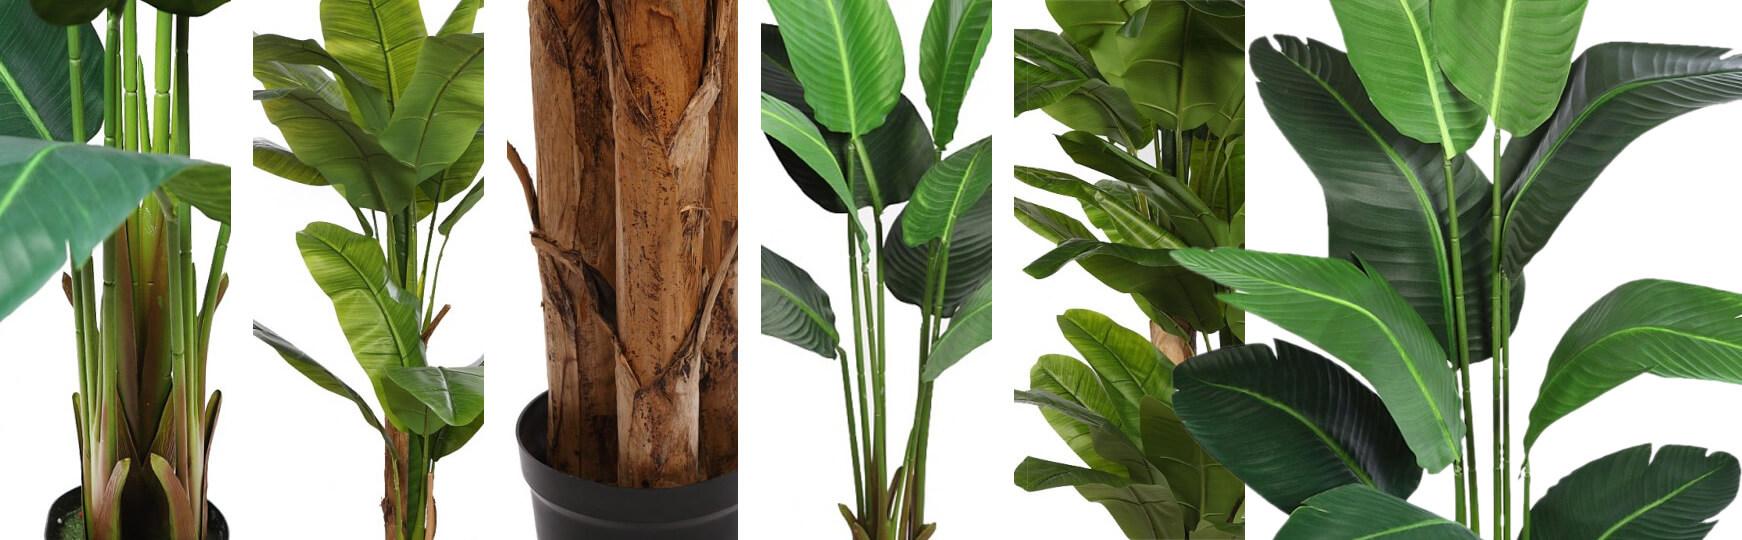 árboles plataneros-bananeros artificiales al mejor precio